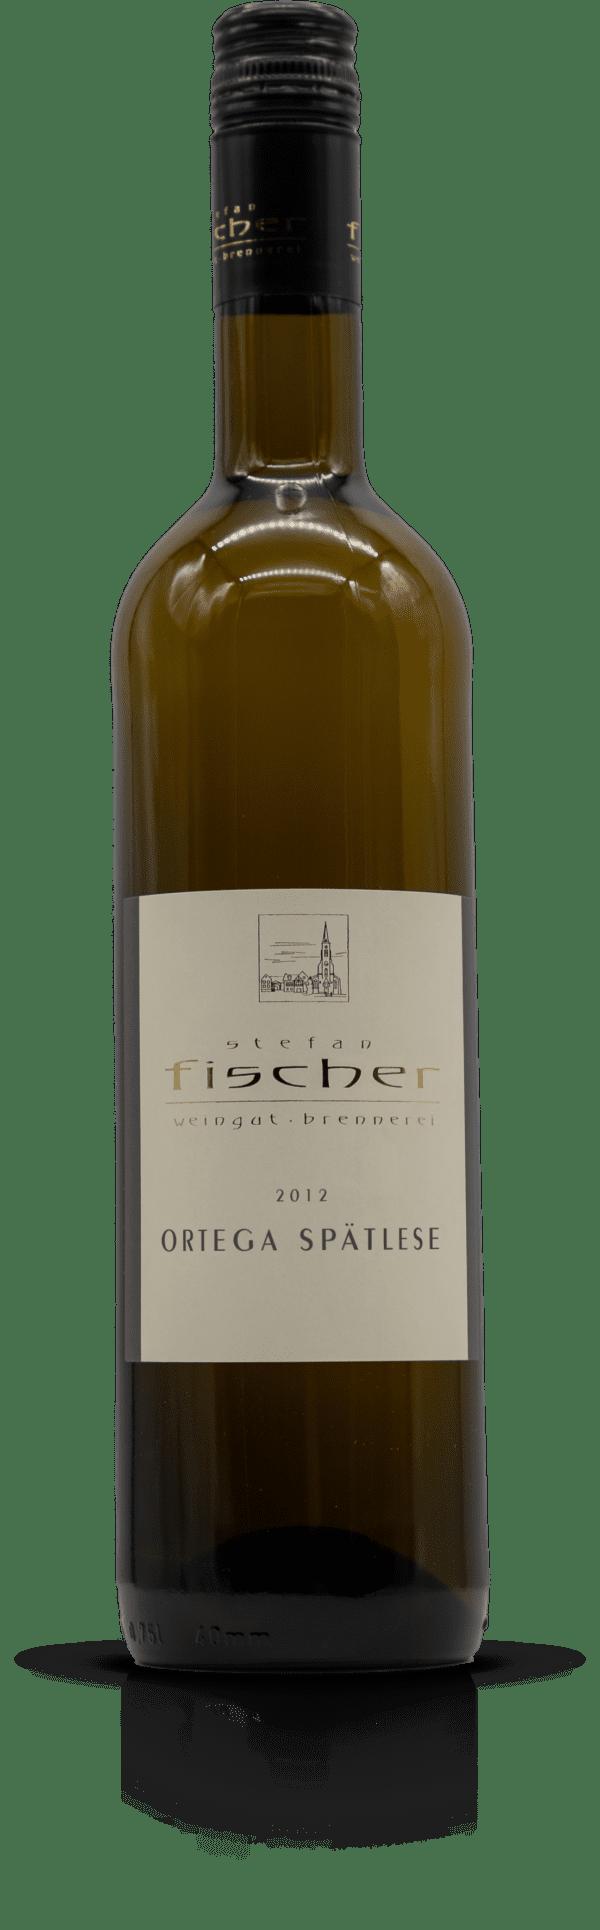 Weingut Stefan Fischer ORTEGA SPÄTLESE